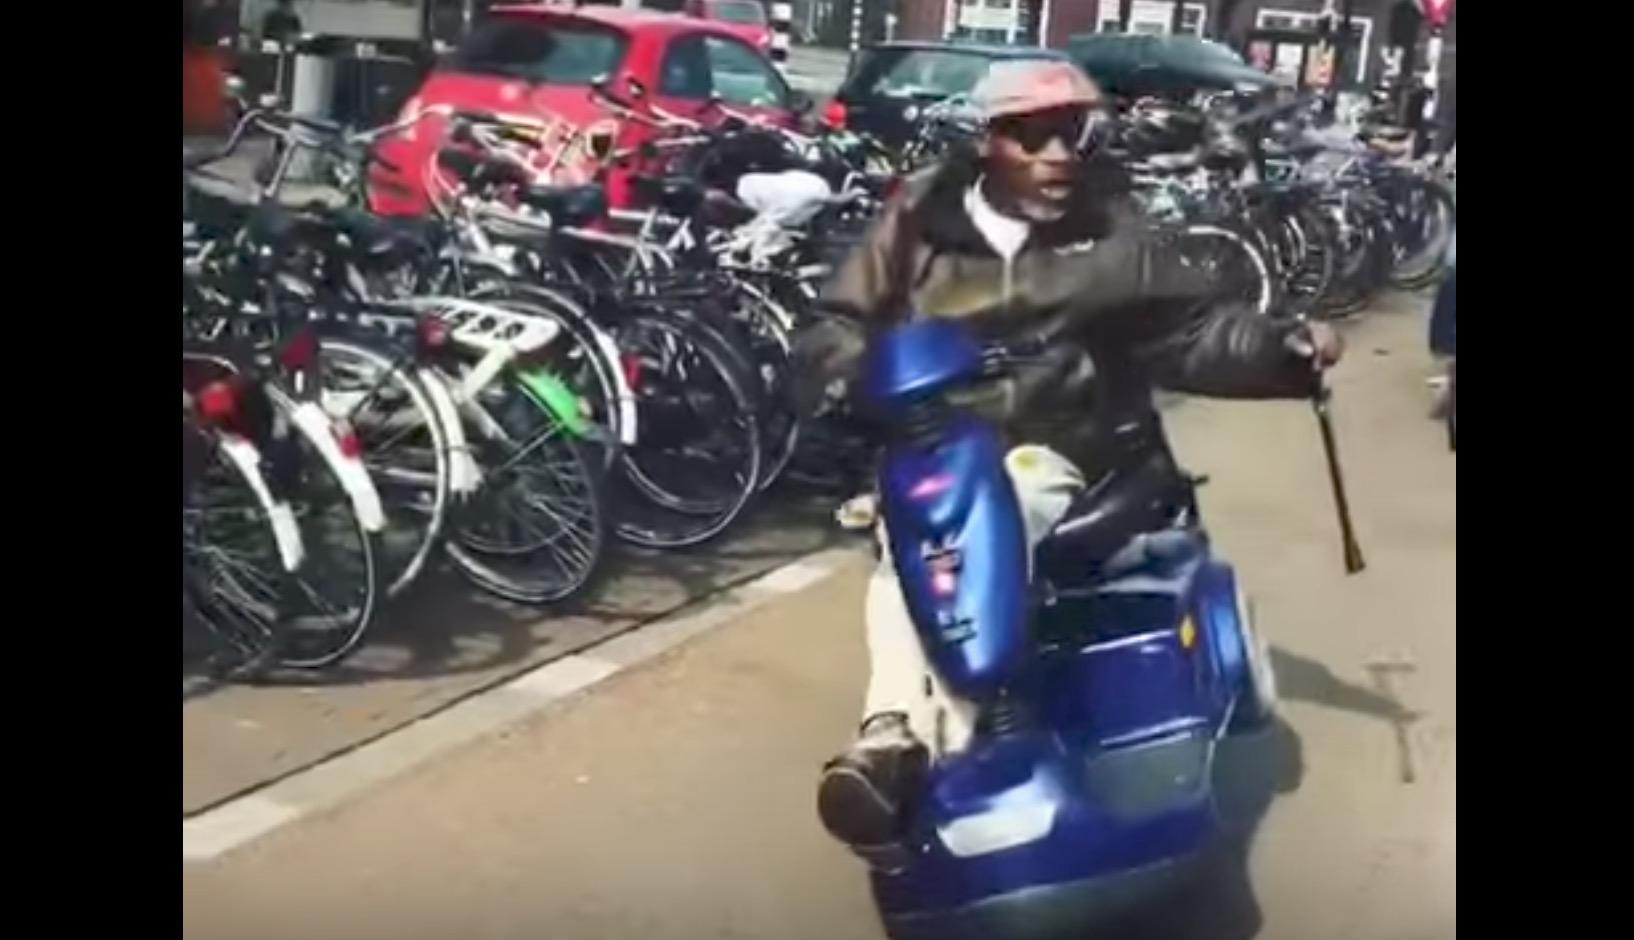 電動カートの乗りこなしが半端ないおじさん、アクロバット走行で若者たちをたしなめる笑